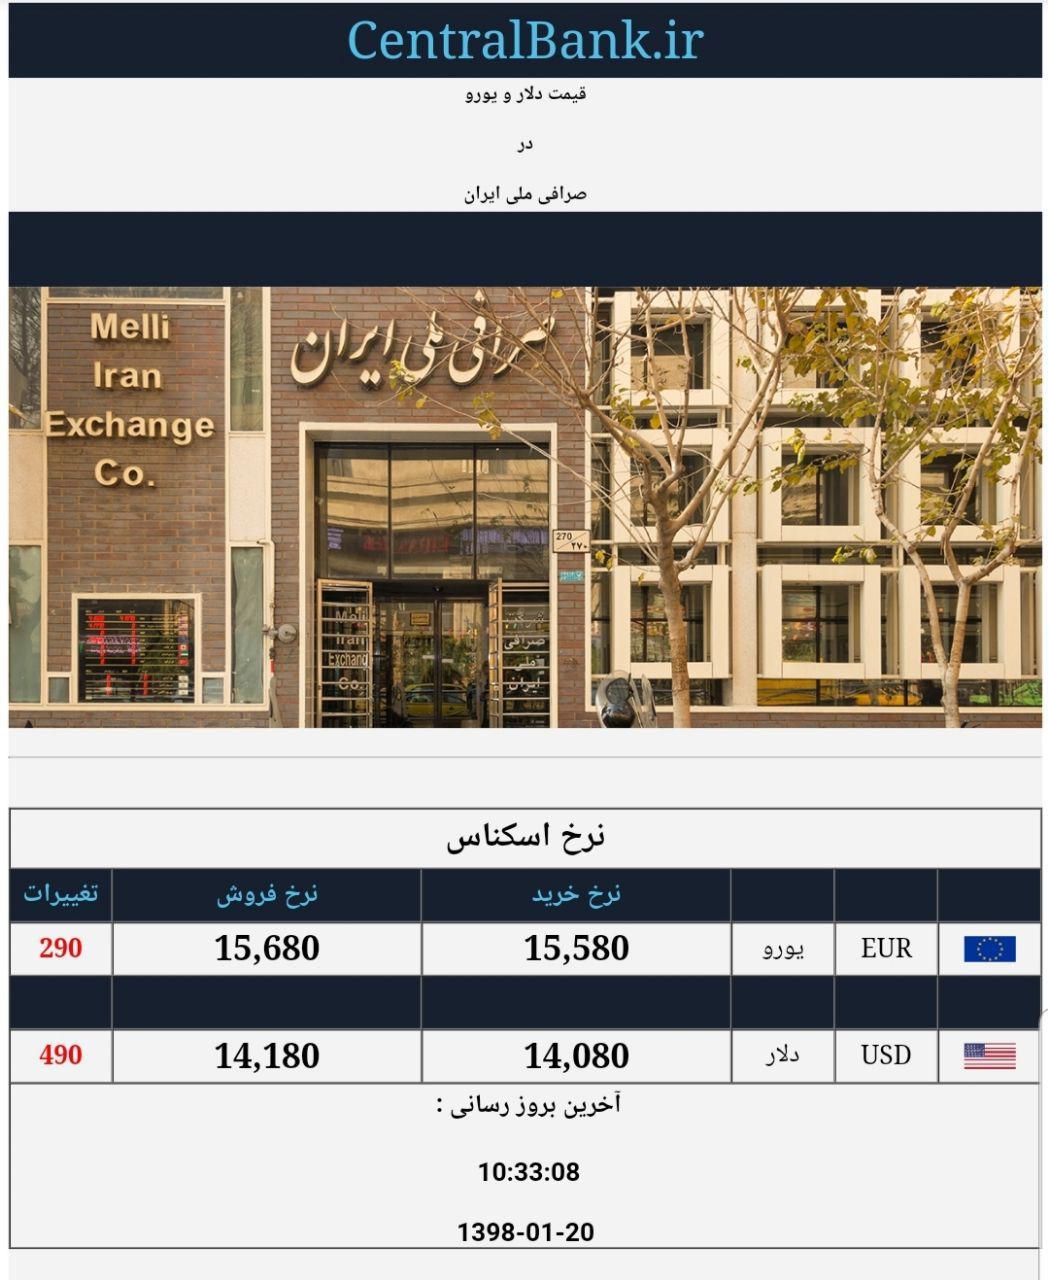 قیمت دلار در صرافی ملی امروز ۱۳۹۸/۰۱/۲۰